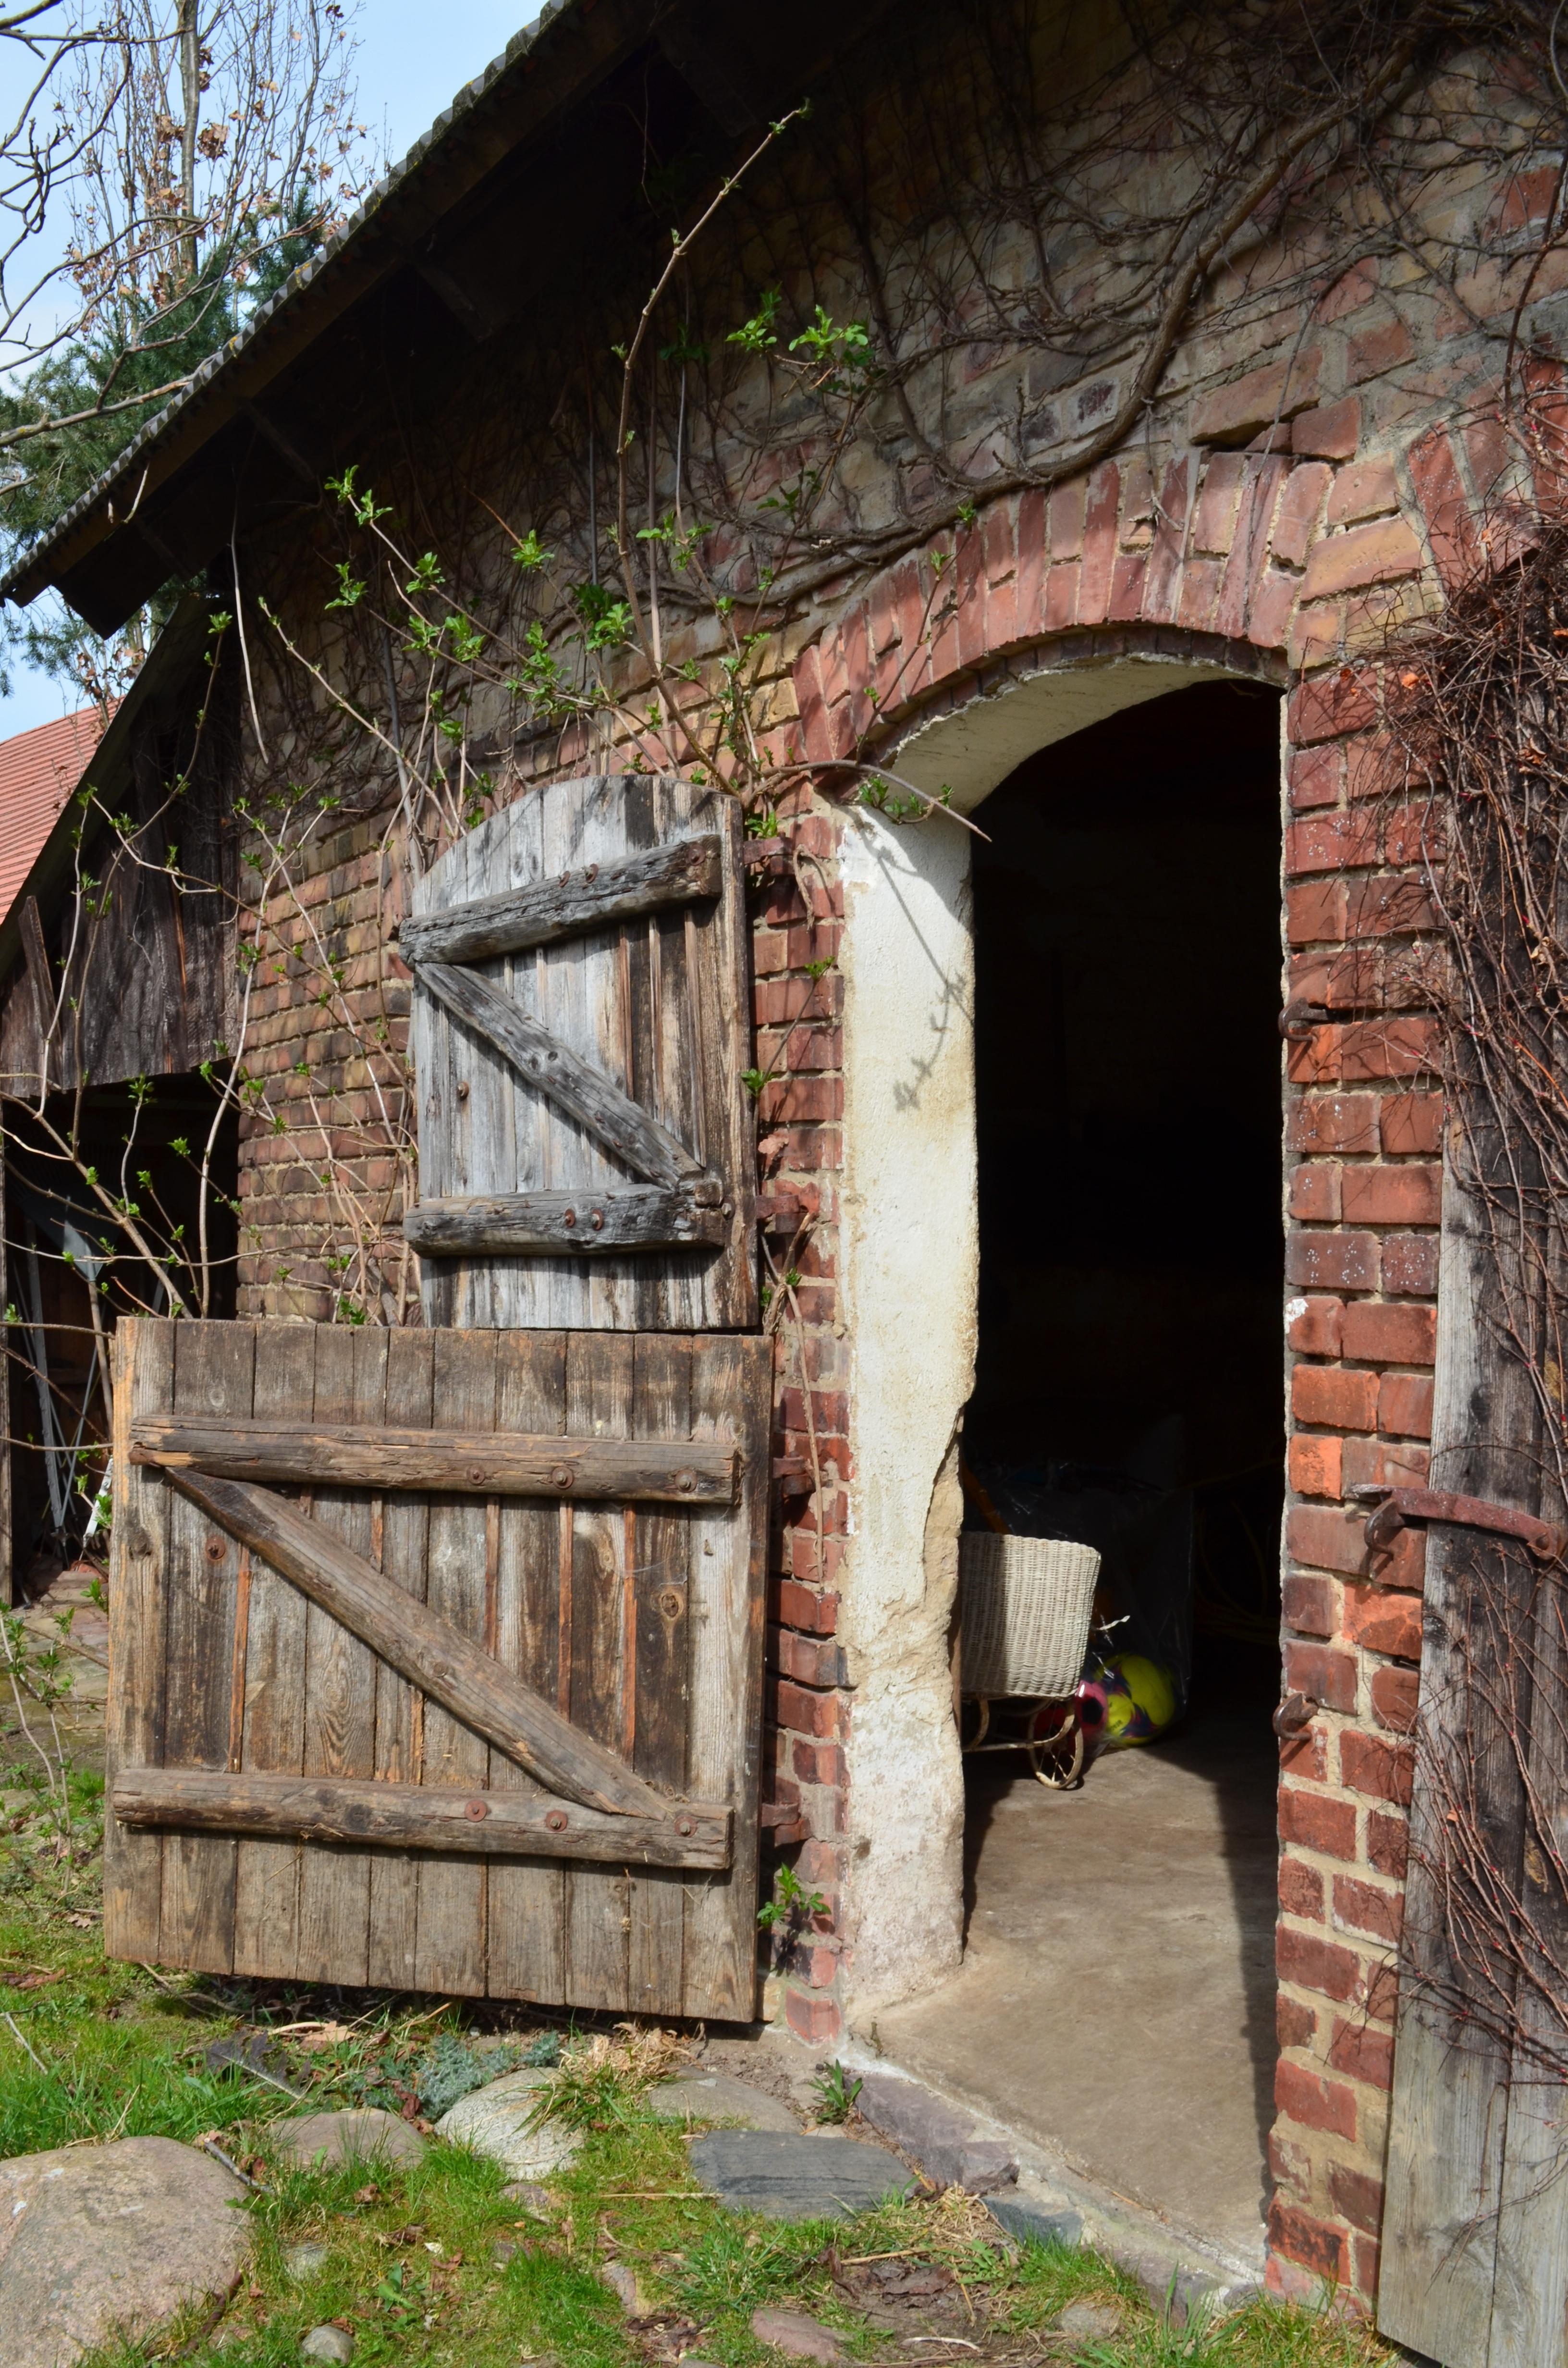 Images gratuites ouvrir bois ferme maison bâtiment vieux ruelle grange mur cabanon rustique cabane chalet agriculture stalle ruines